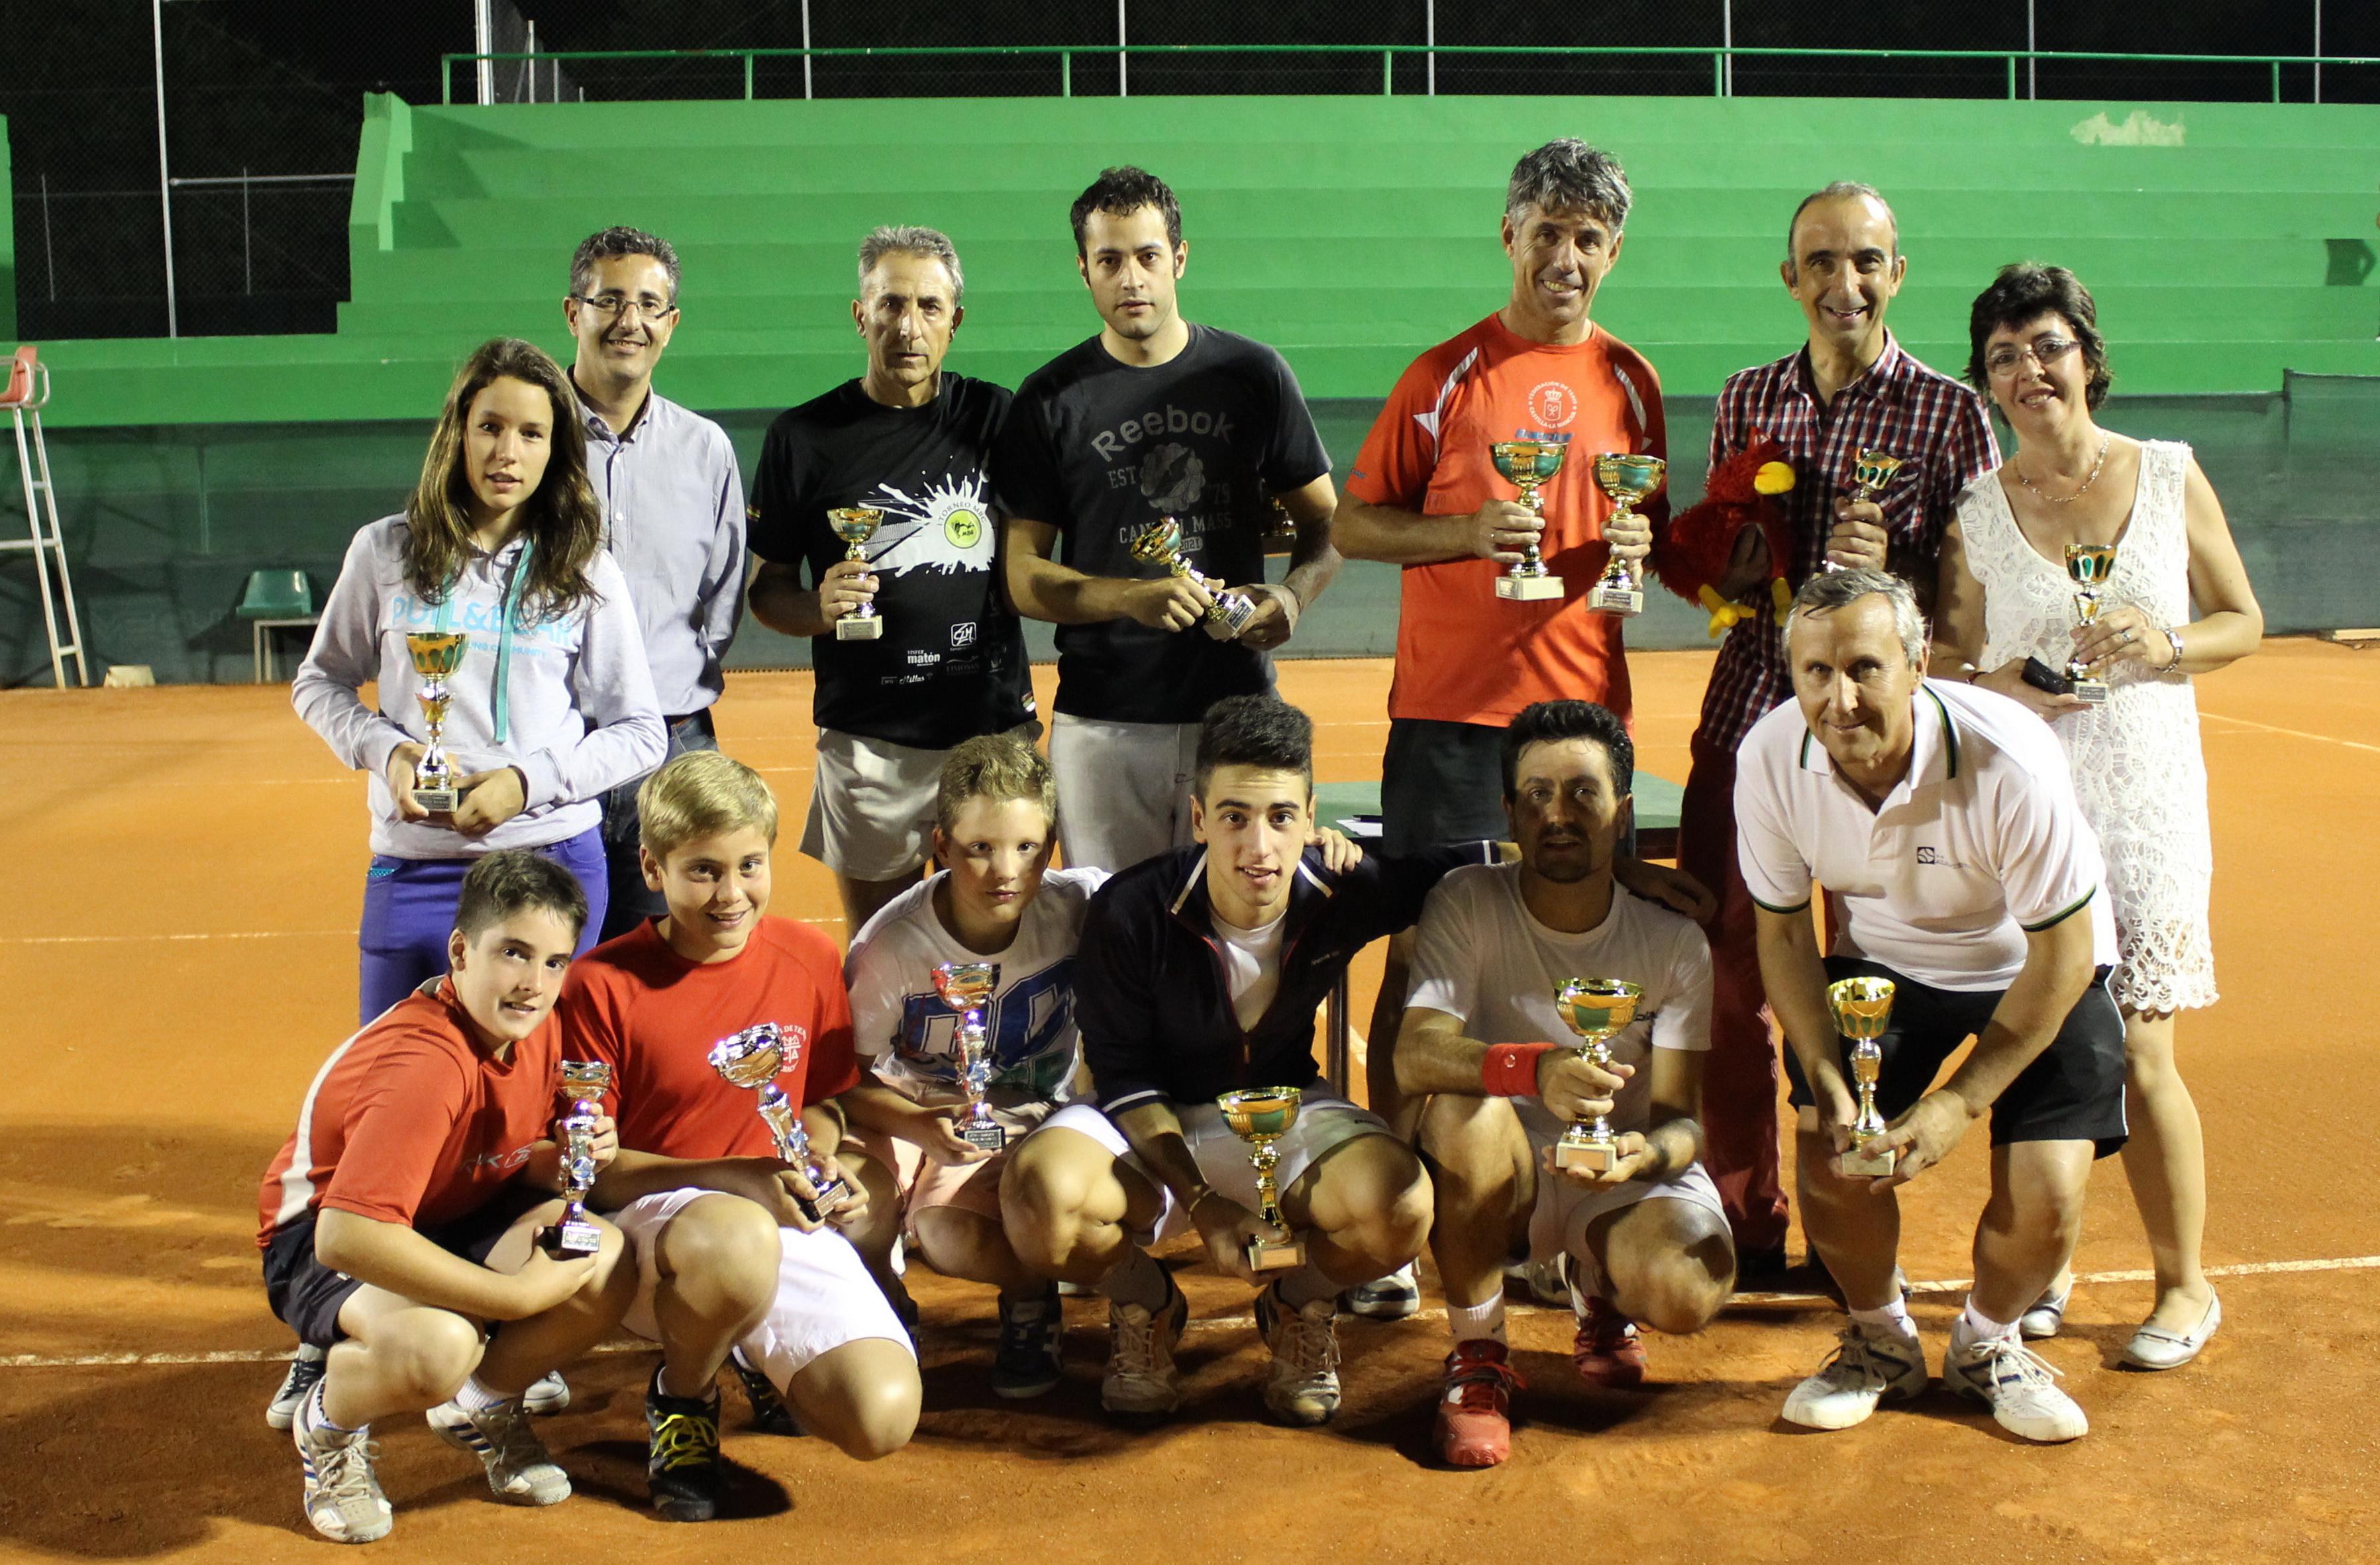 Ganadores y finalistas del VII Torneo Nocturno de Verano